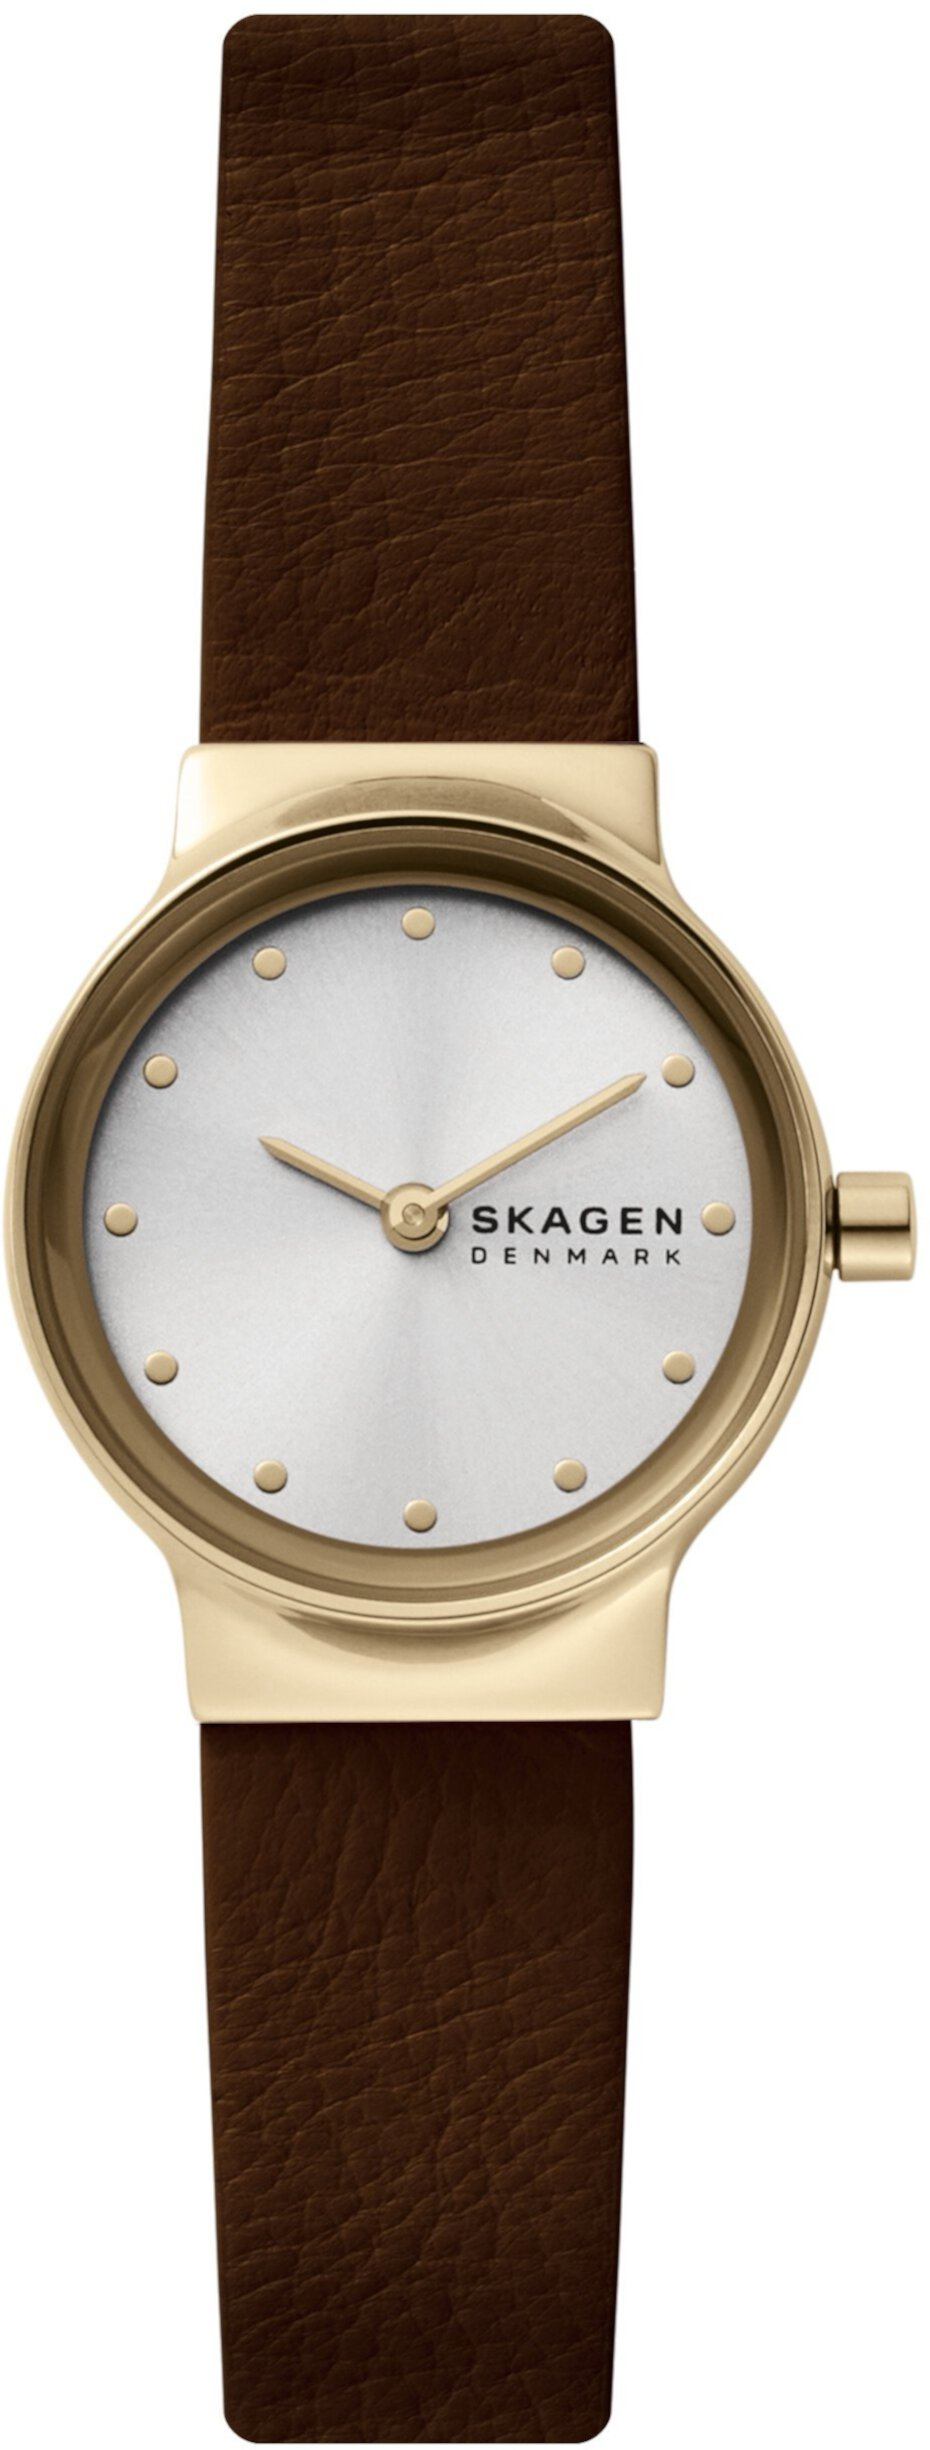 Кожаные часы с двумя стрелками Freja Skagen